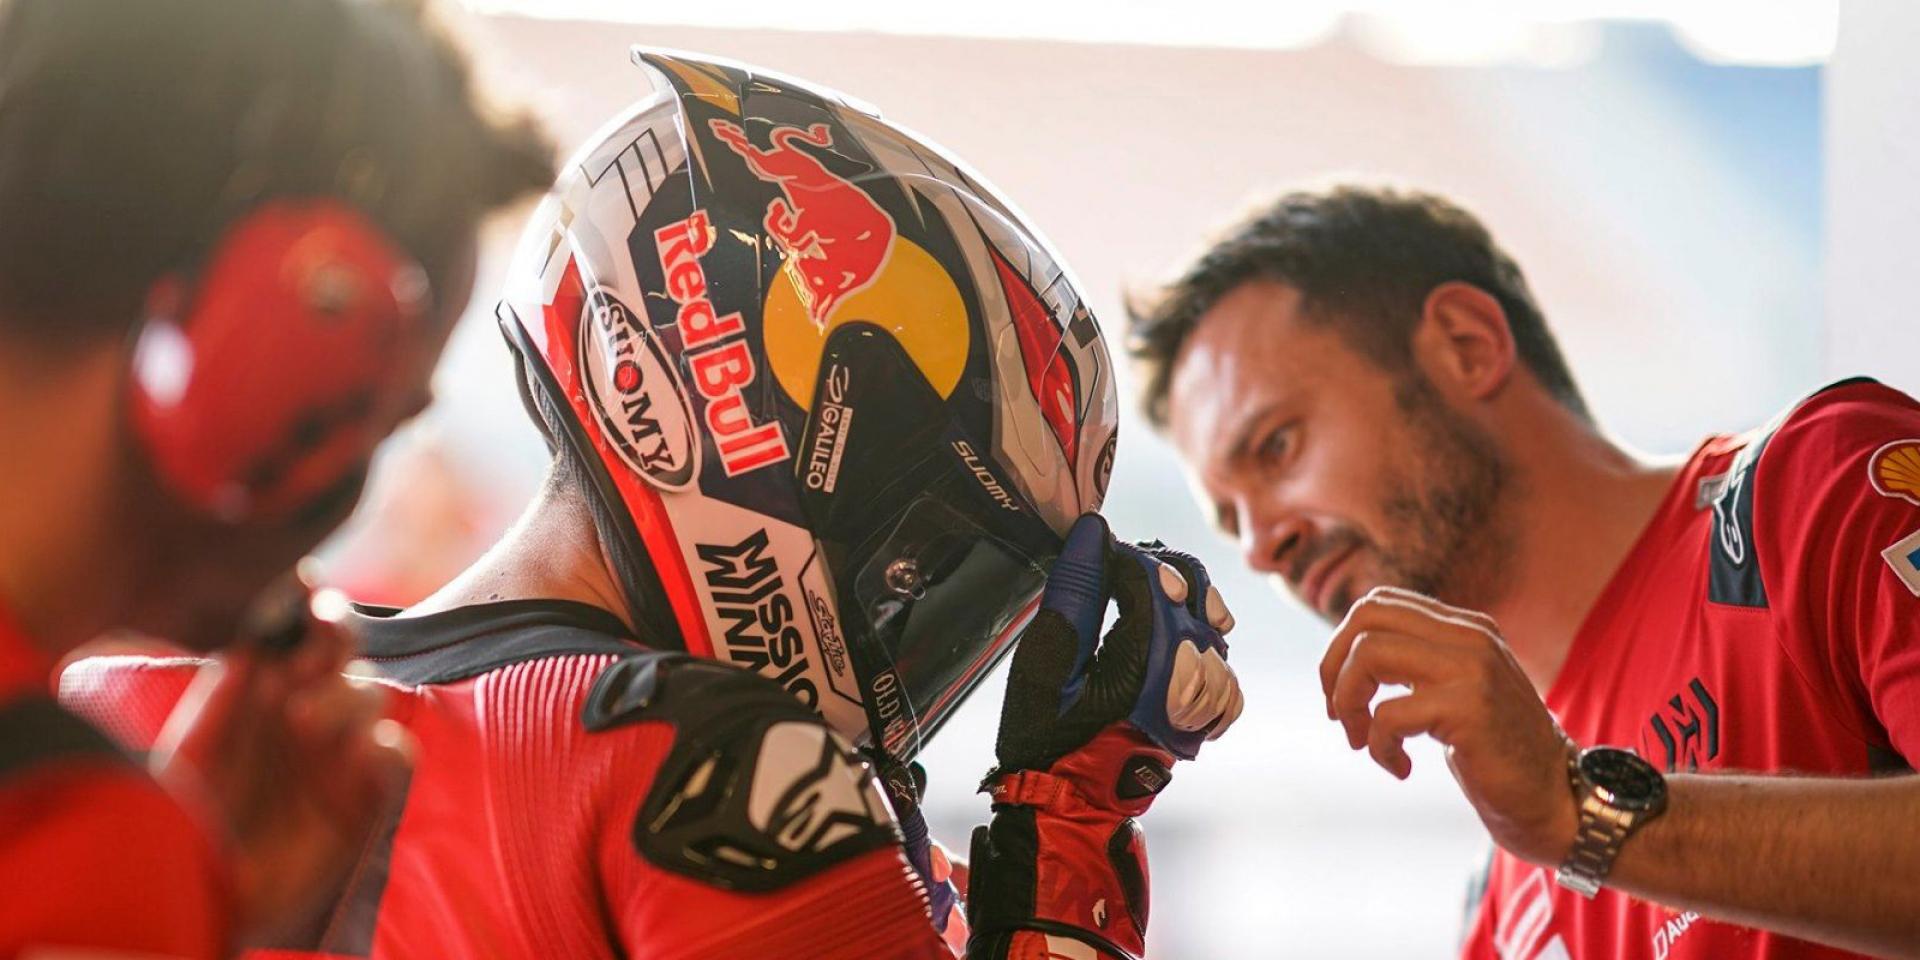 榮耀頭盔! Andrea Dovizioso比賽彩繪帽限量生產販售!